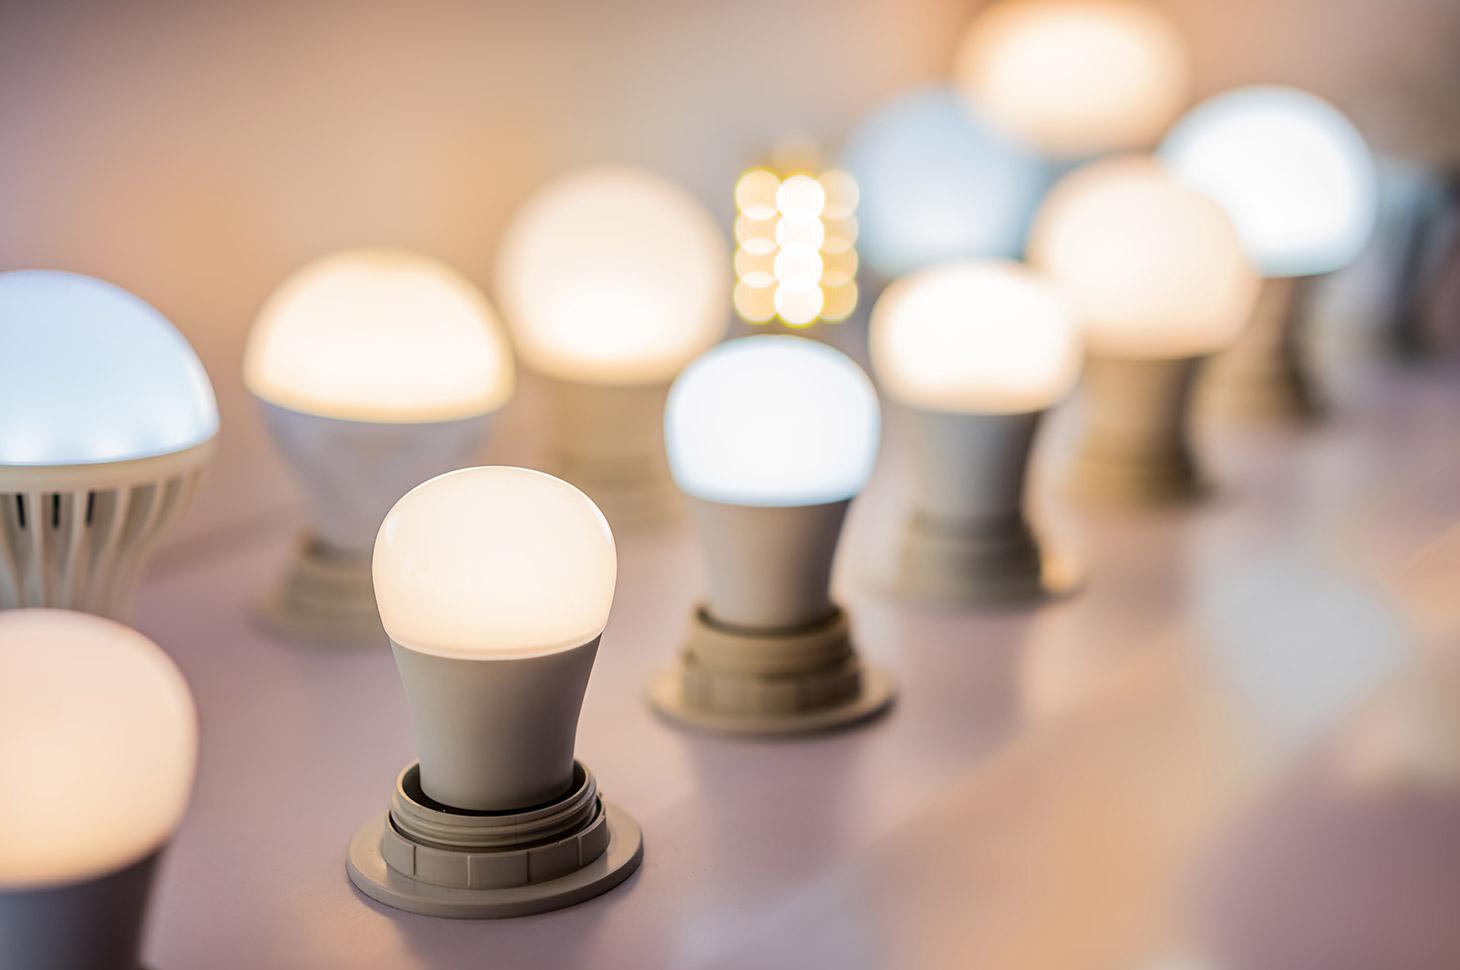 Подбор правильного освещения—один из самых эффективных способов создания комфортной среды